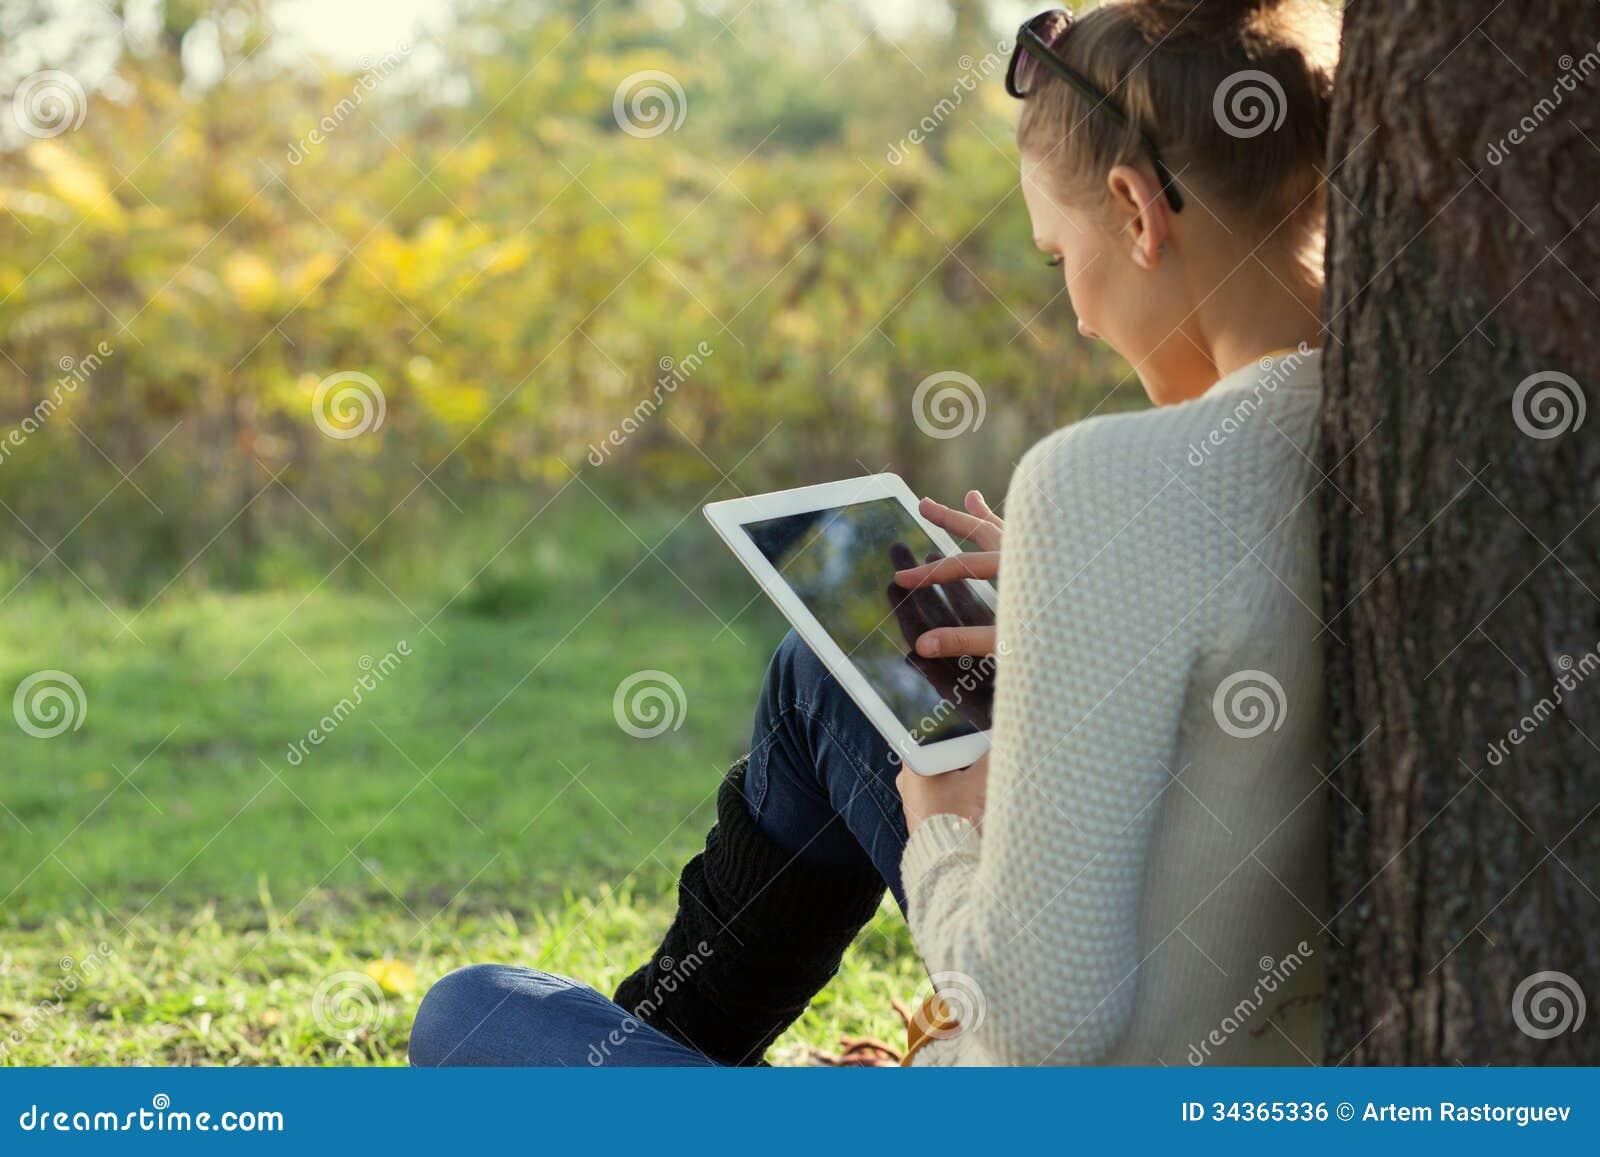 Χρησιμοποίηση ipad της νέας γυναίκας στο πάρκο